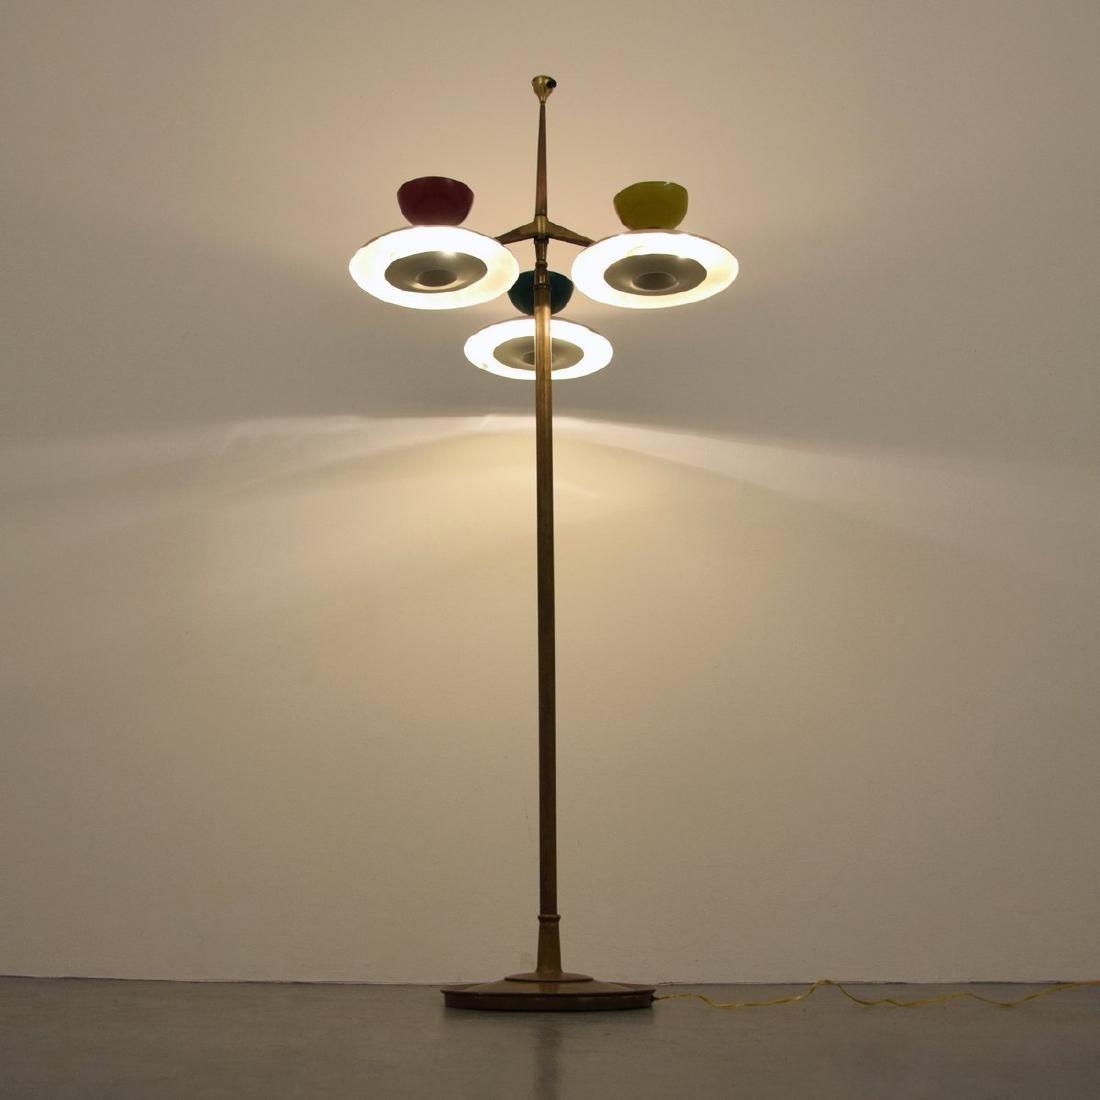 Floor Lamp, Manner of Arredoluce - 7